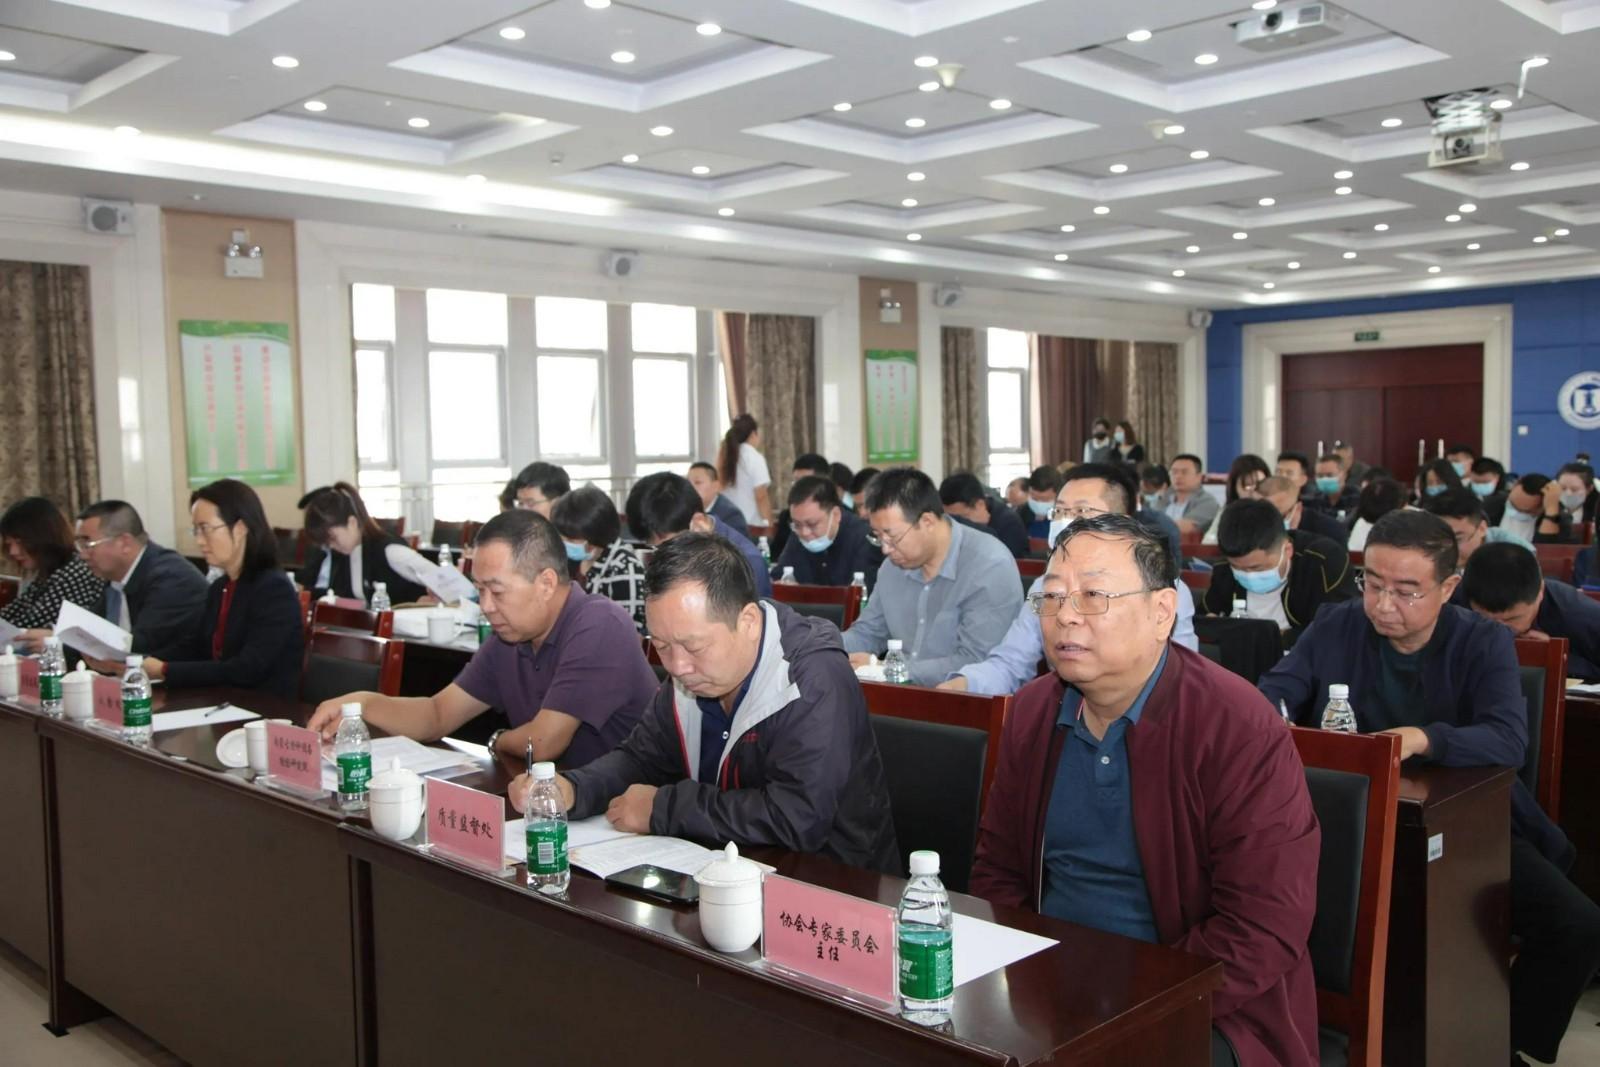 内蒙古认证和检验检测协会成立大会现场照片.jpg